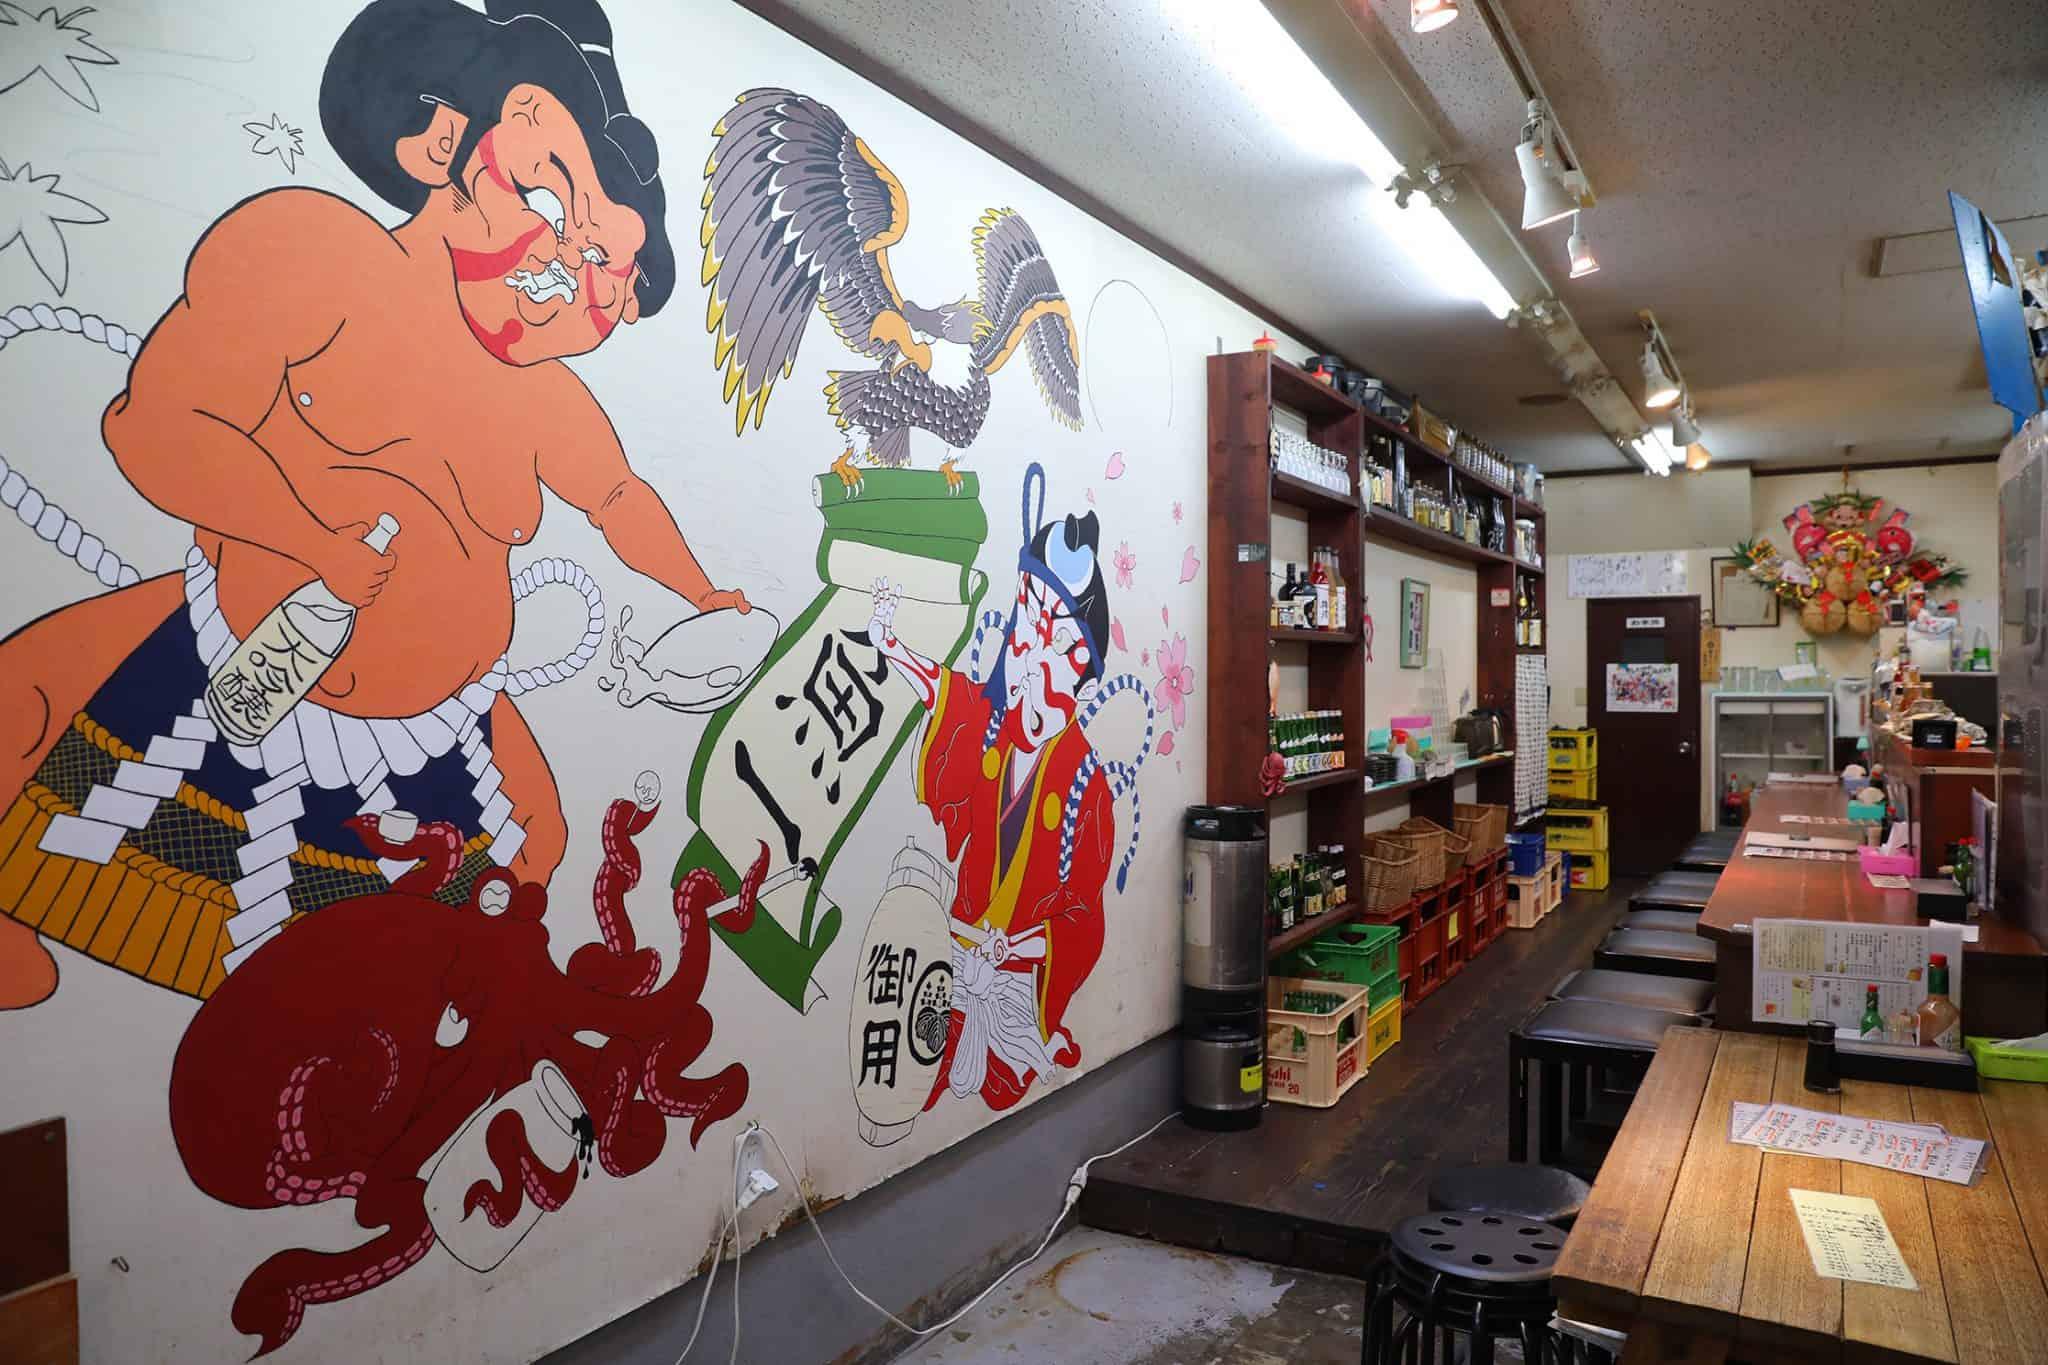 บรรยากาศภายในร้าน Uokazu 魚一 - ตลาดปลาคุโรมง